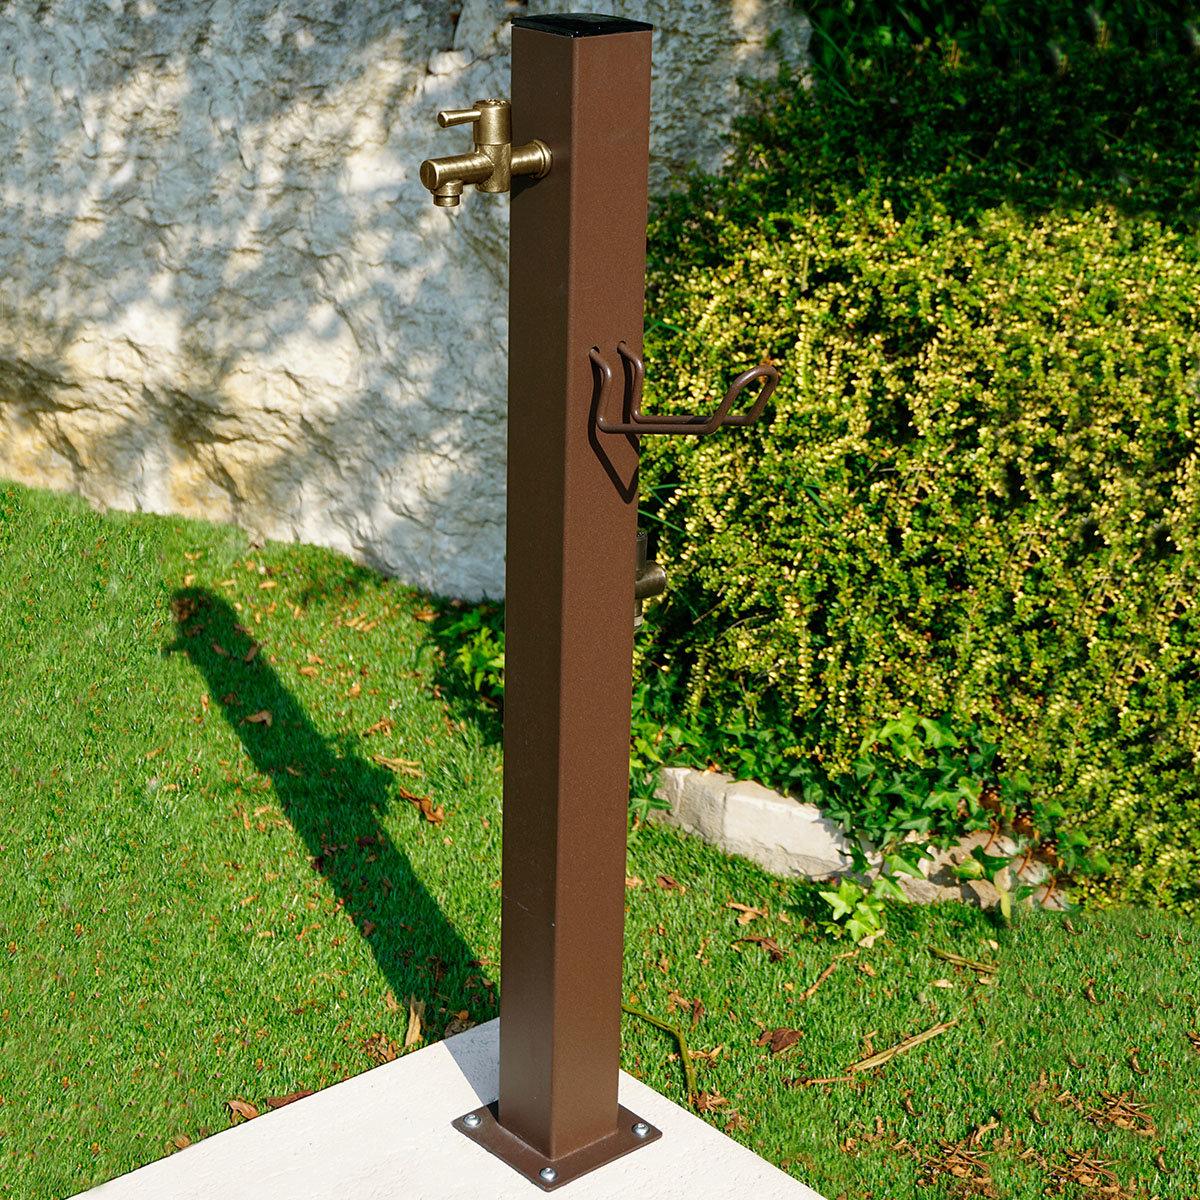 Wasserzapfsäule Quadra, 100x14x21 cm, Stahl, braun